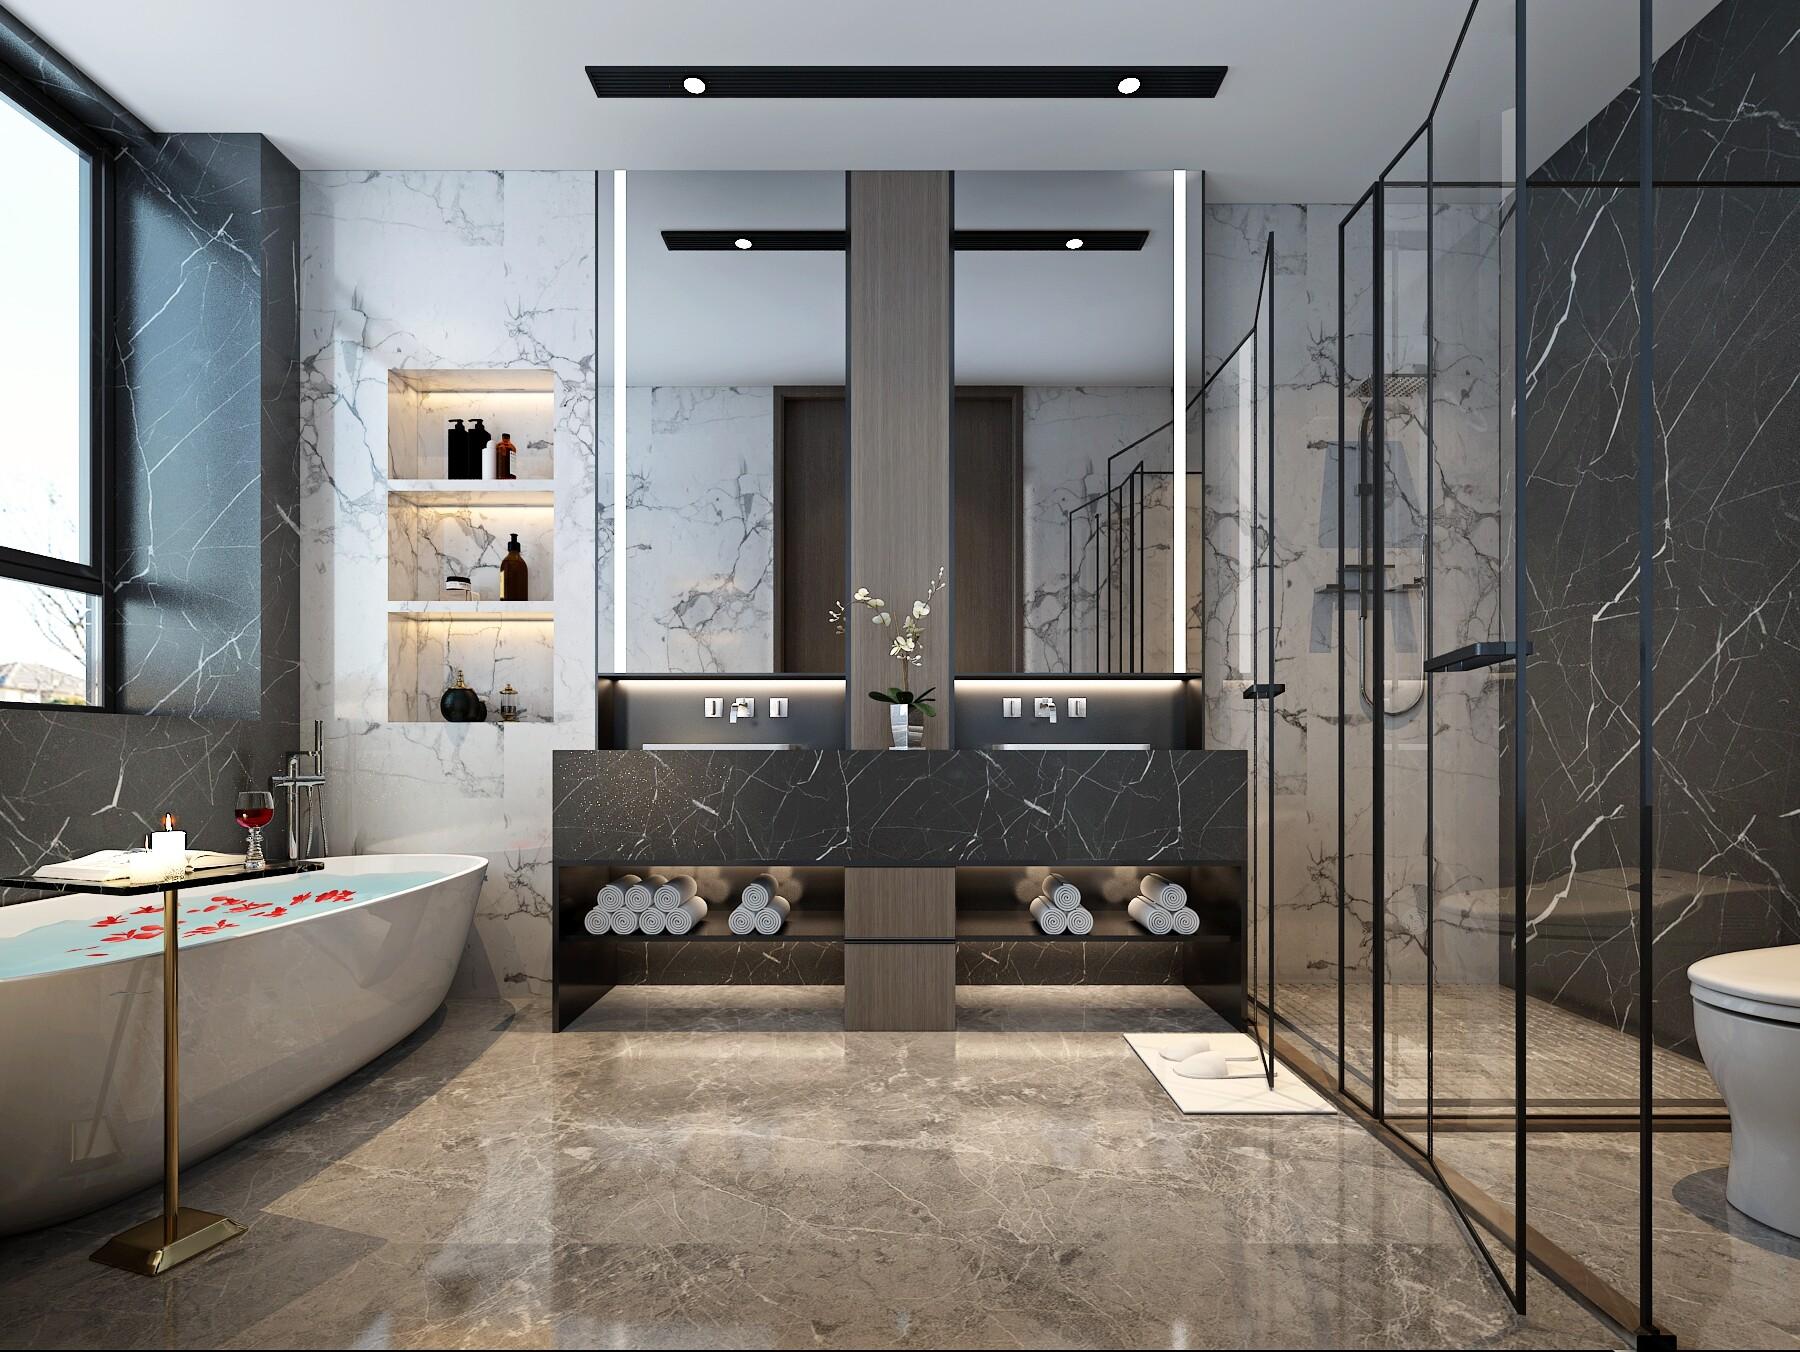 卫生间装修选择淋浴房还是浴缸?淋浴和浴缸的适用人群简析